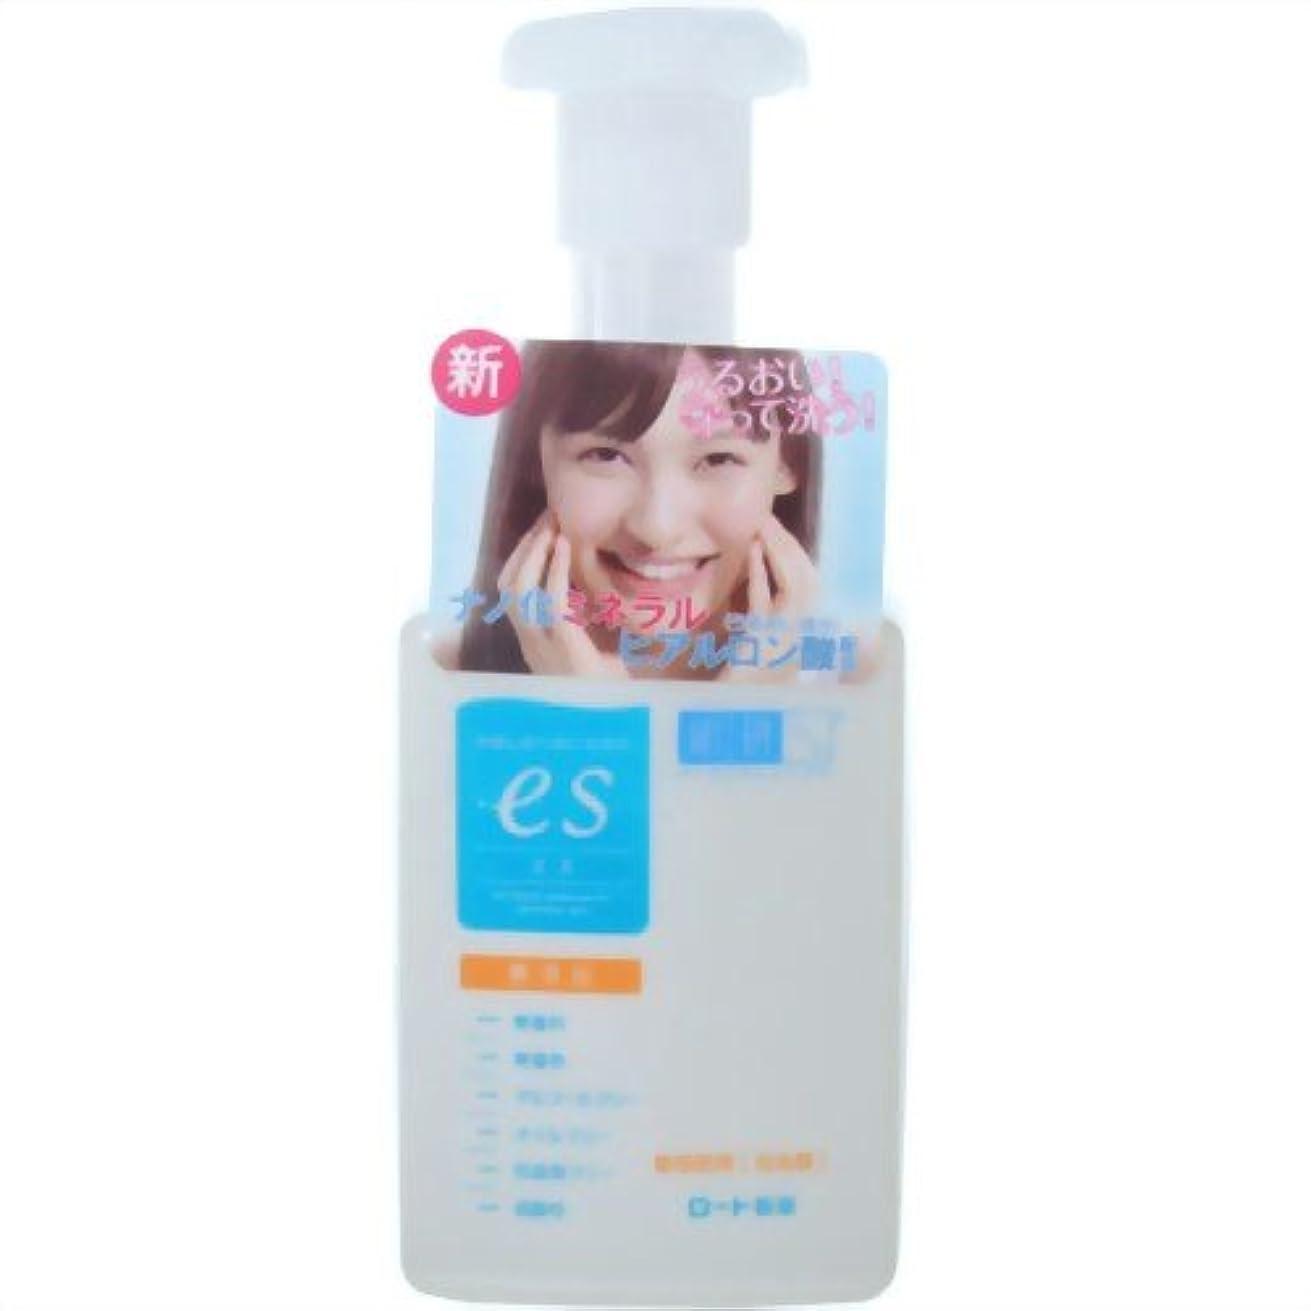 交差点創造ラリー肌ラボ es(エス)ナノ化ミネラルヒアルロン酸配合 無添加処方 洗顔泡タイプ 160ml